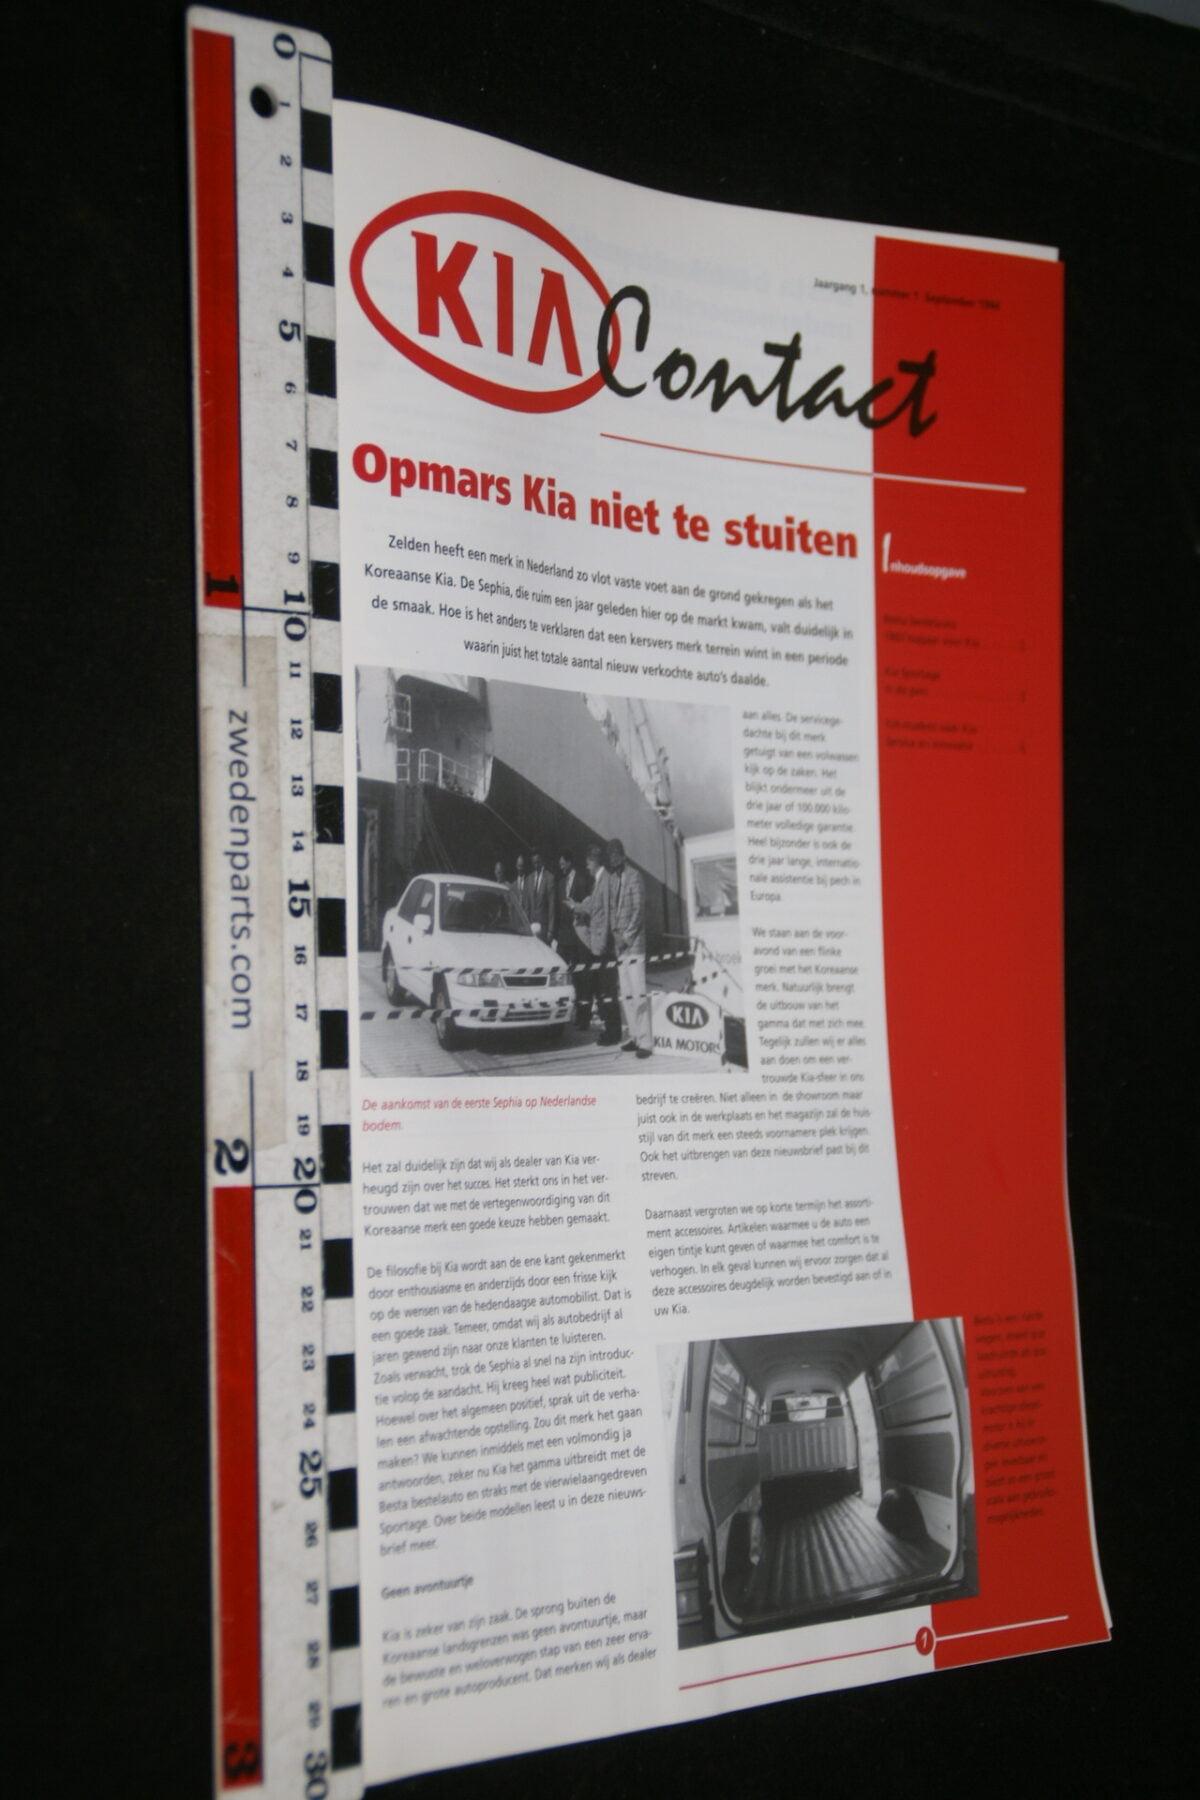 DSC01742 ca. 1997 tijdschrift origineel Kia-0fe2e0df